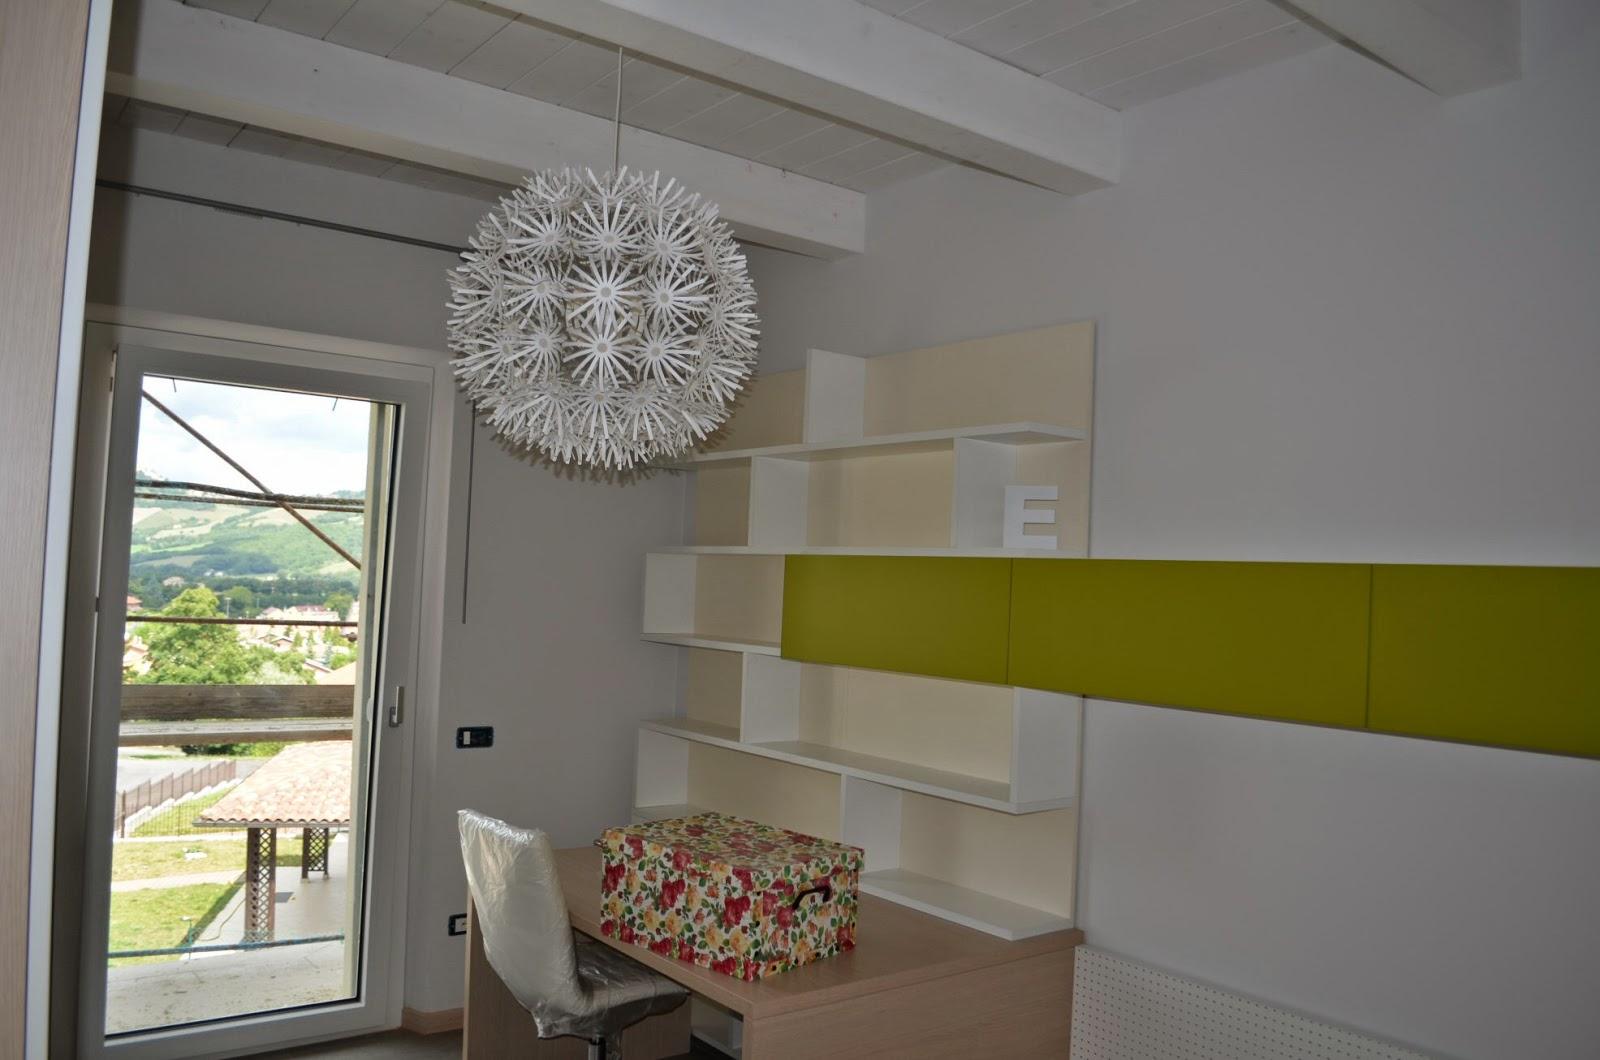 Faretti Cavo Ikea: Faretti giardino bricoman ~ ispirazione design casa. Circ ...